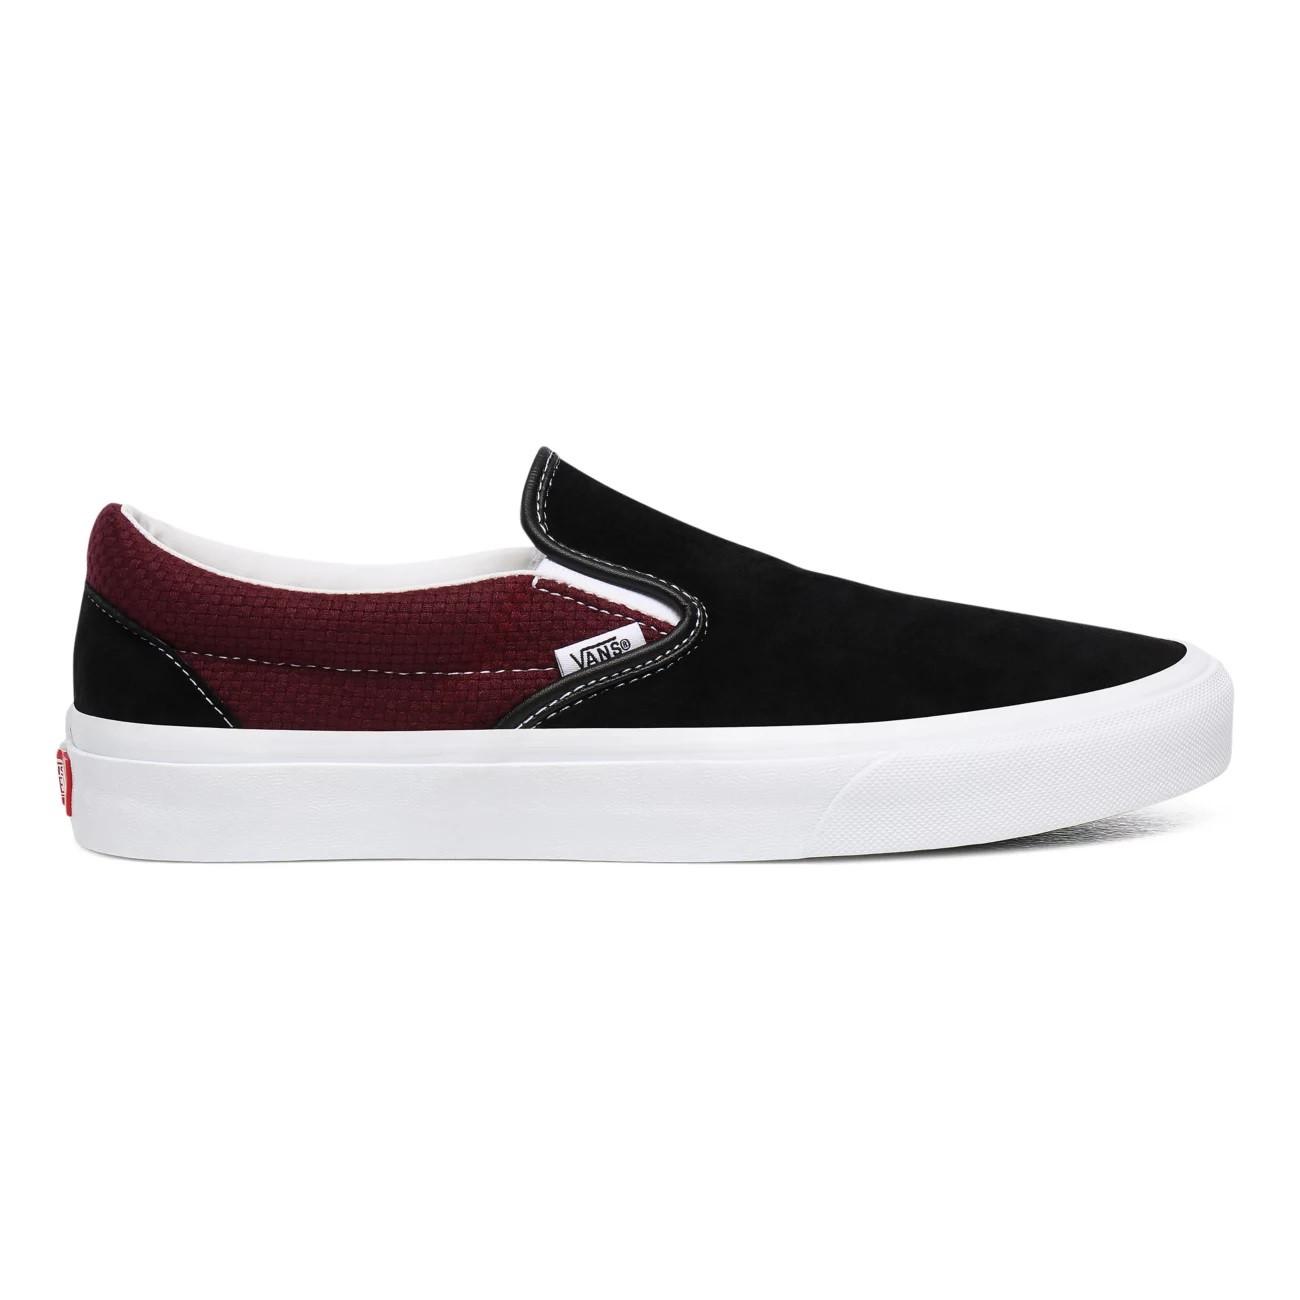 Sneakers Vans Classic Slip-On p\u0026c black